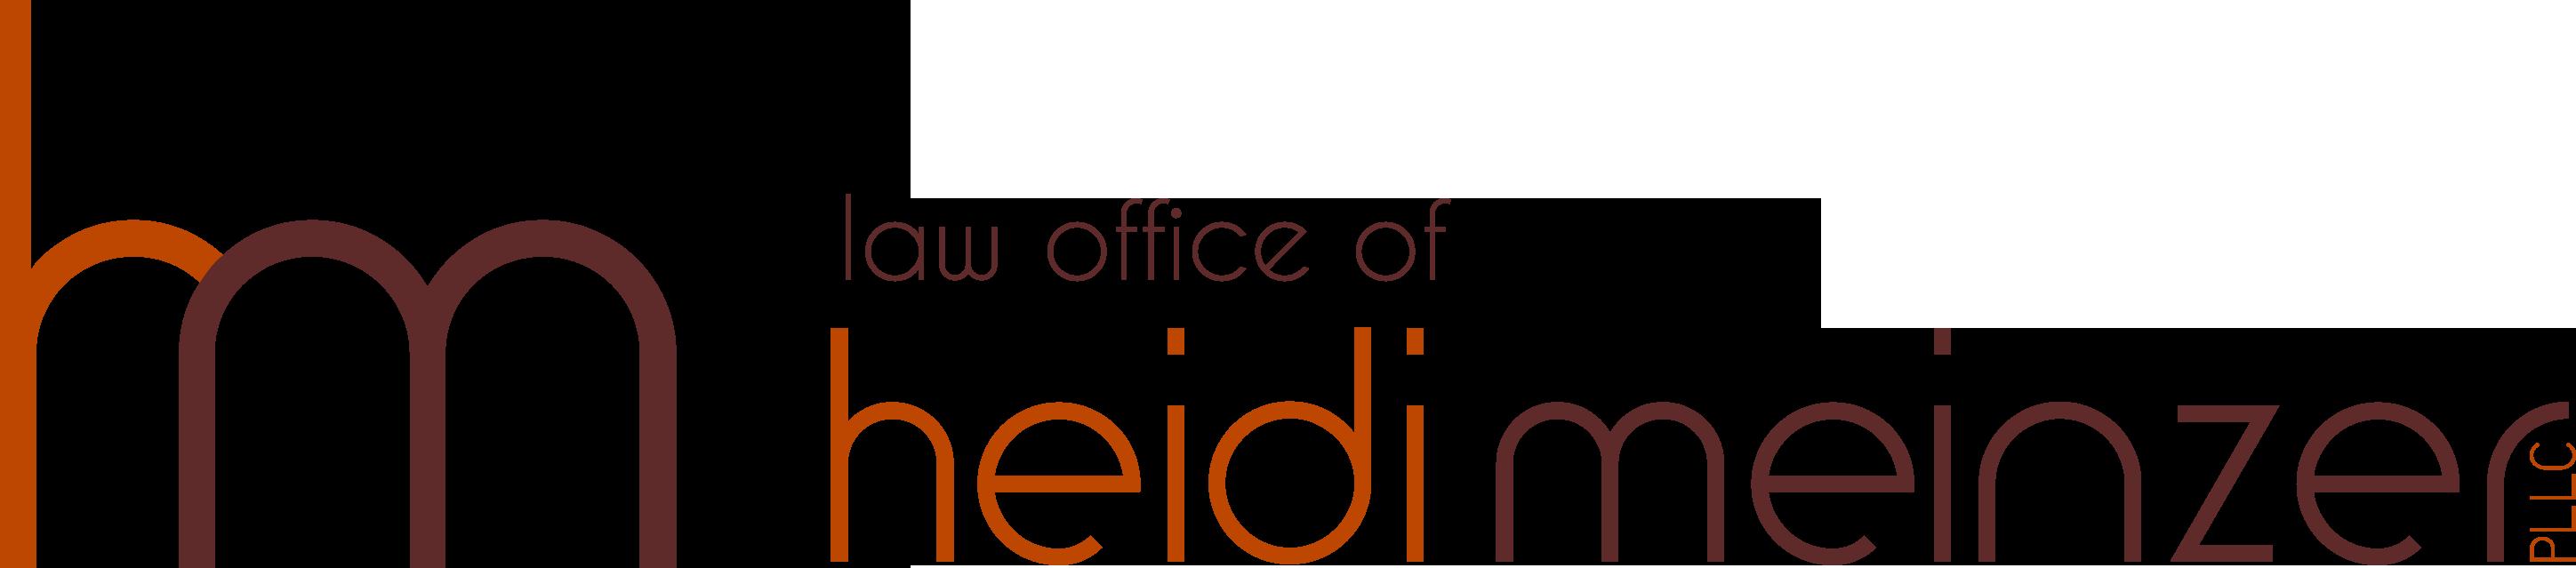 Vdacs Charitable Organization Form 102 Alexandria Va